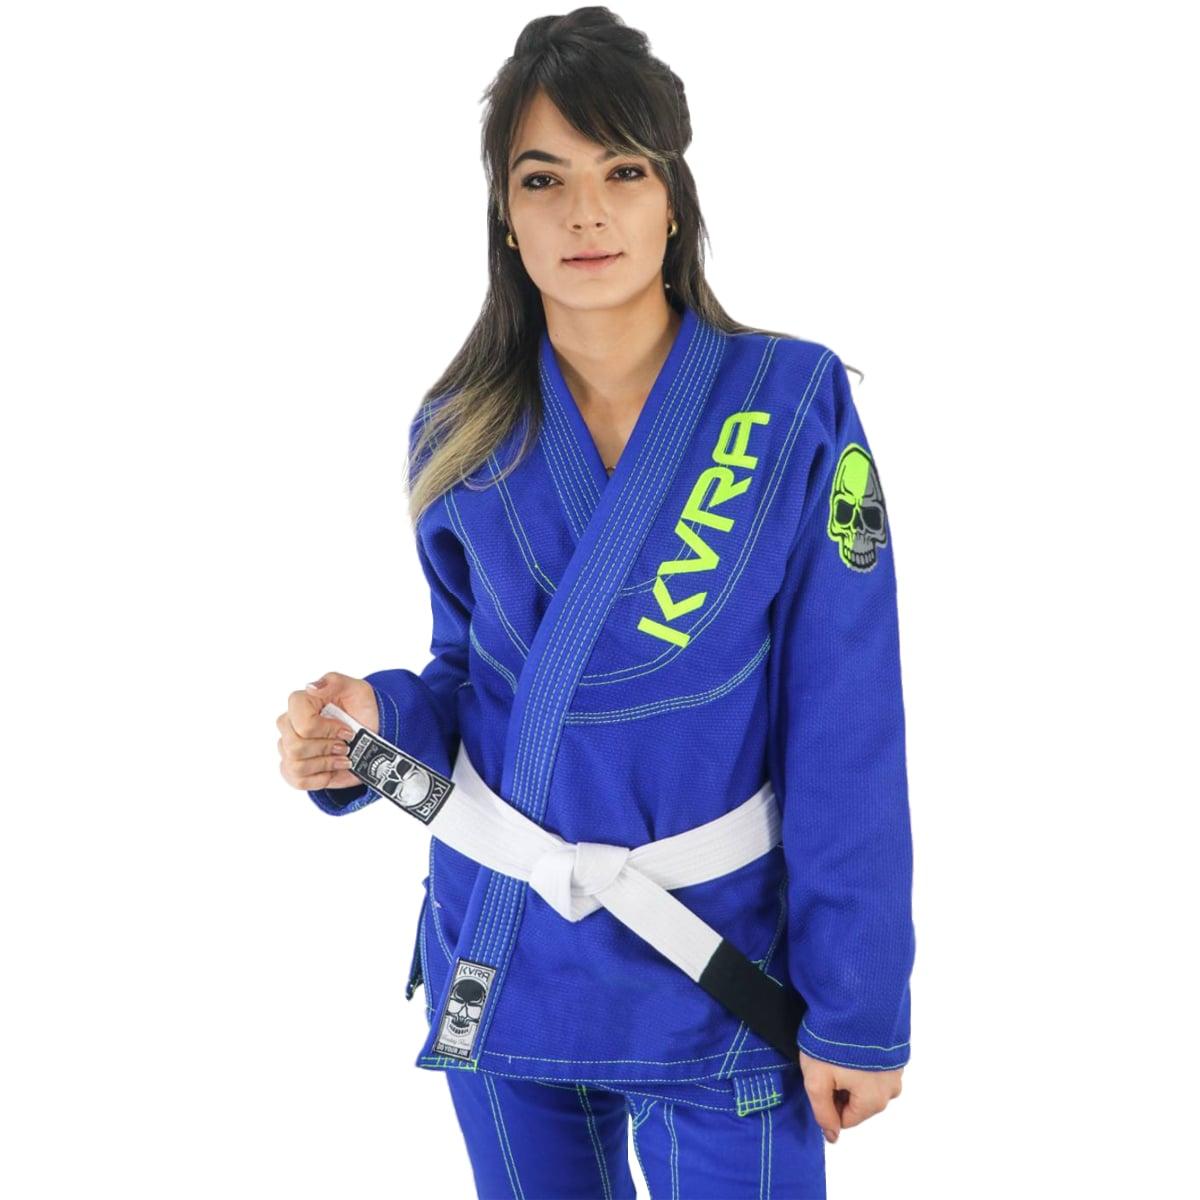 Kimono Jiu-Jitsu Feminino Kvra Shadow - Azul